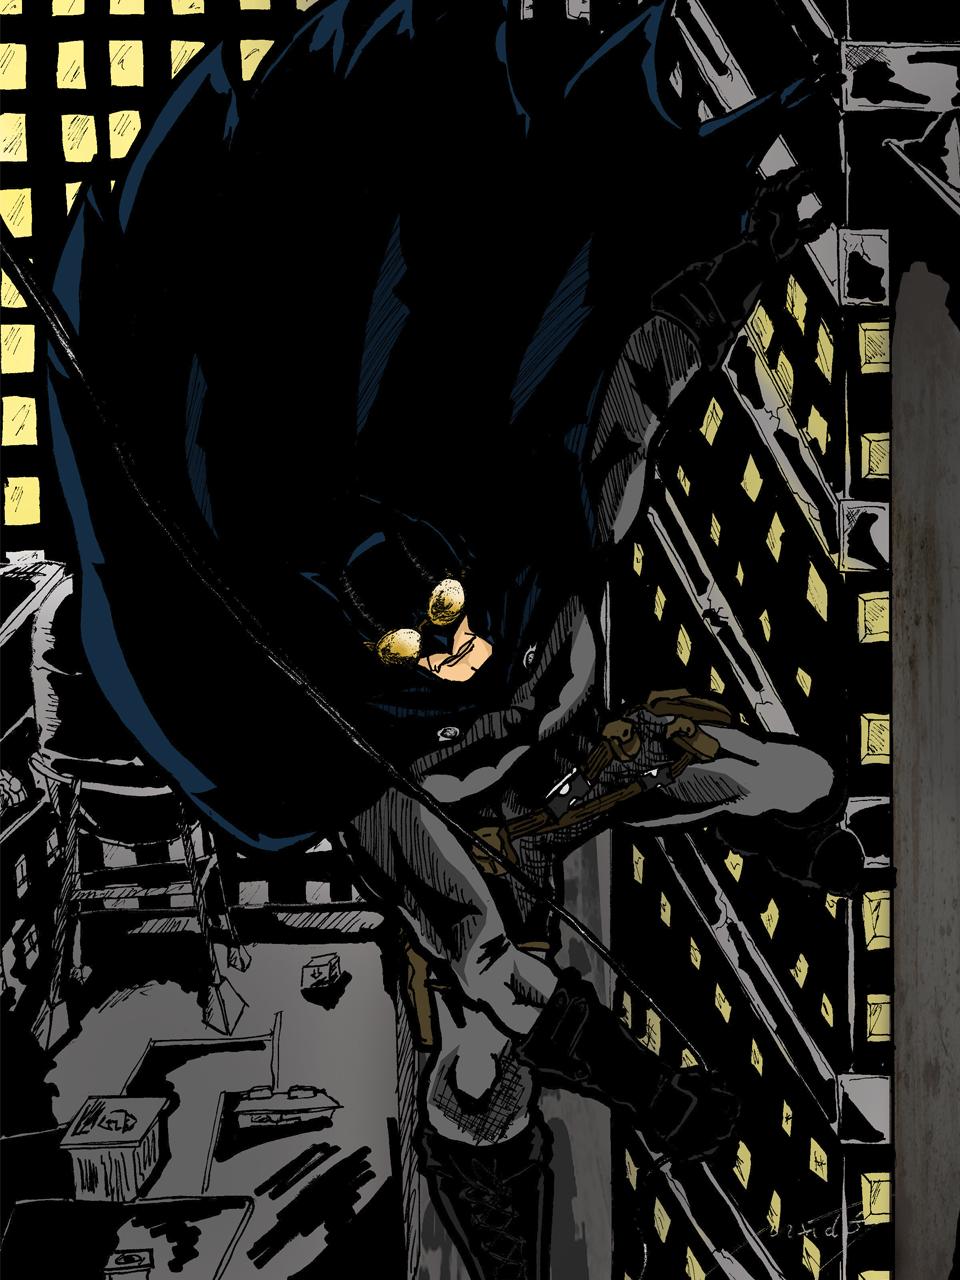 Batman (original design)